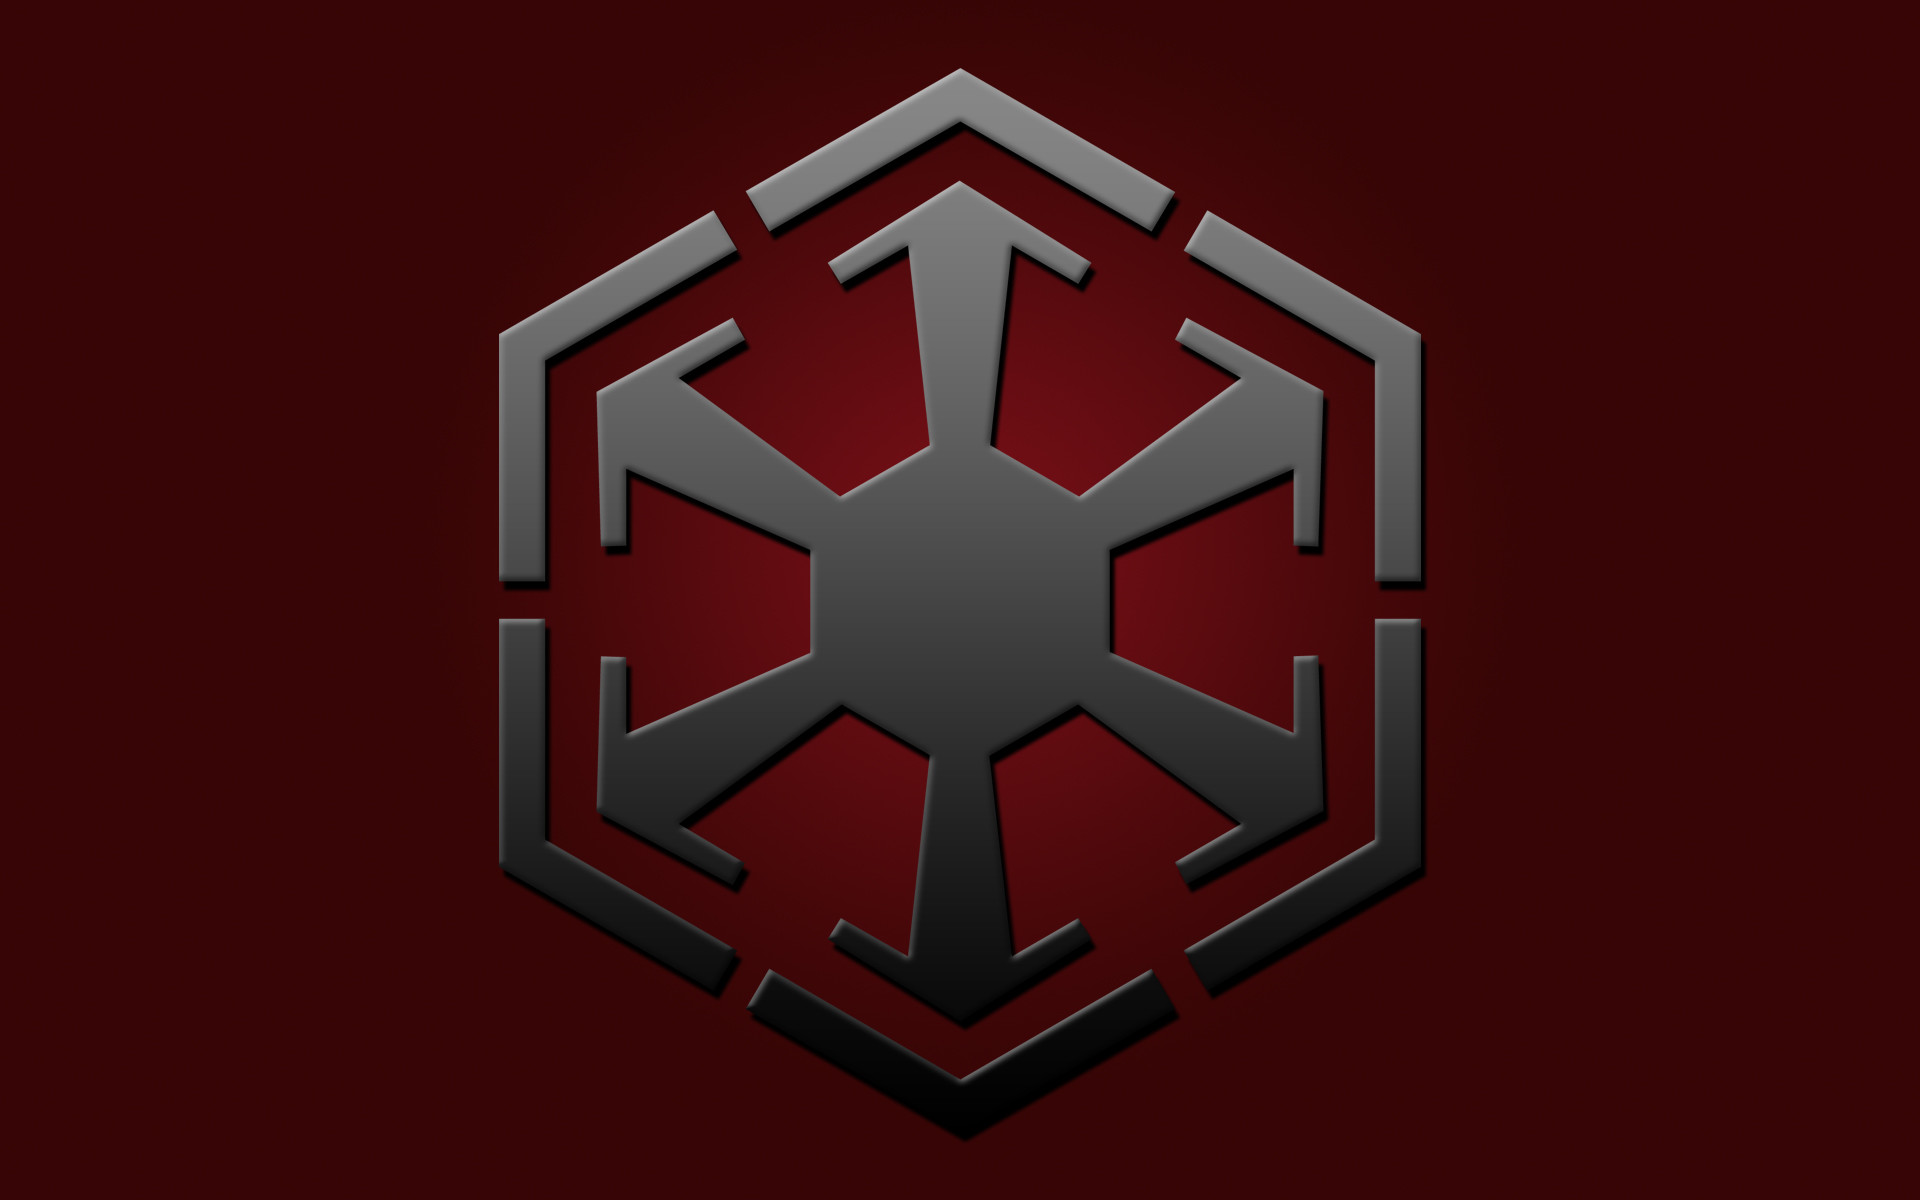 Sith Empire Logo wallpaper 206561